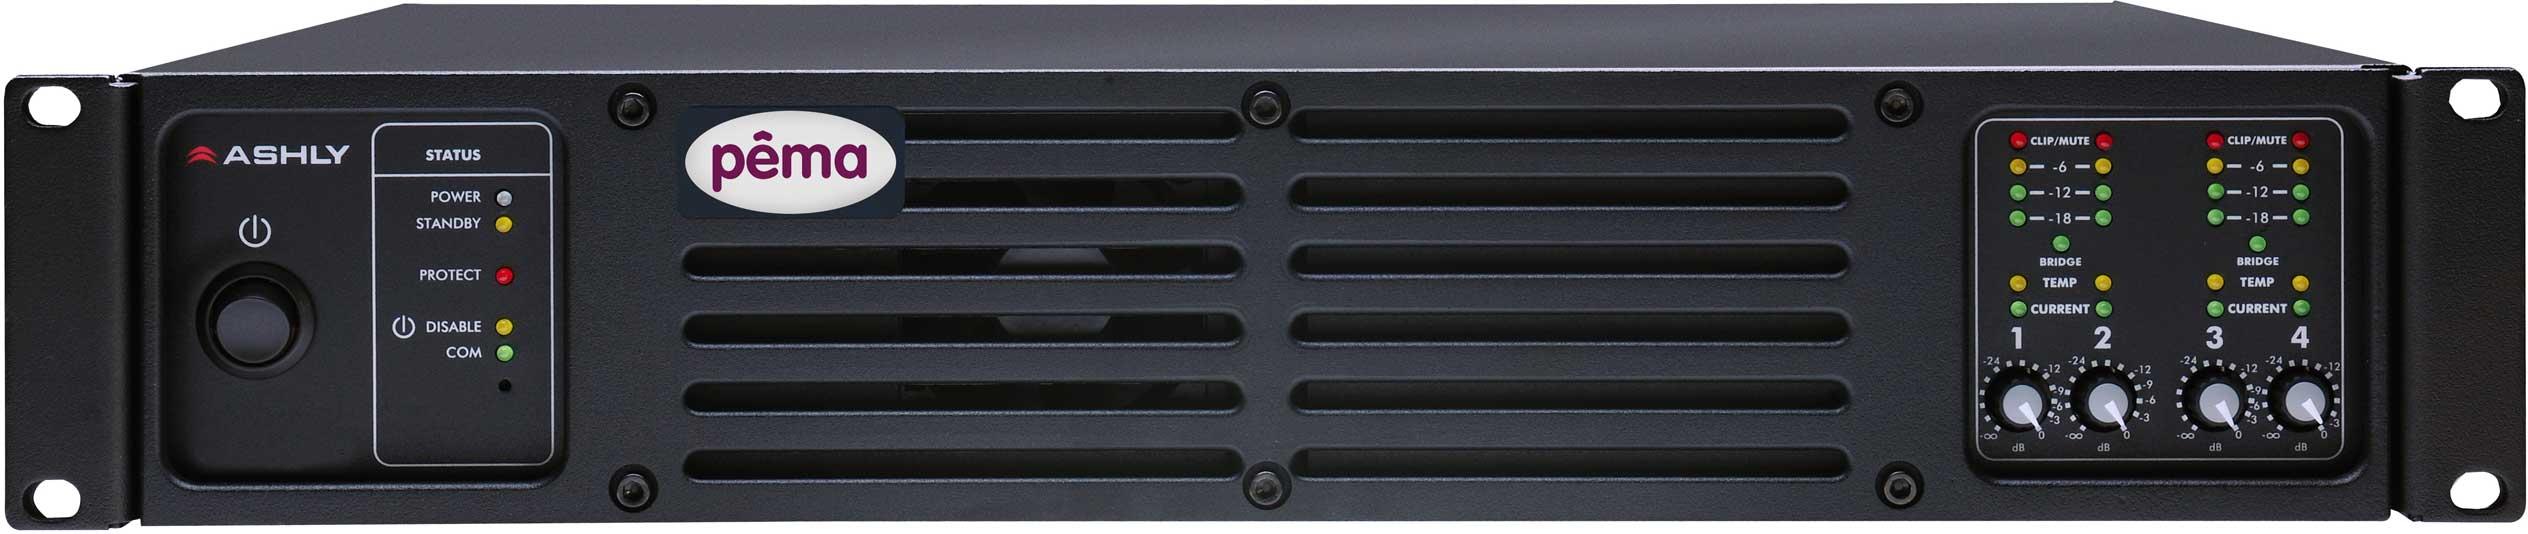 Power Amplifier, 4x125W @ 70V, w/8x8 DSP Matrix, CobraNet Added